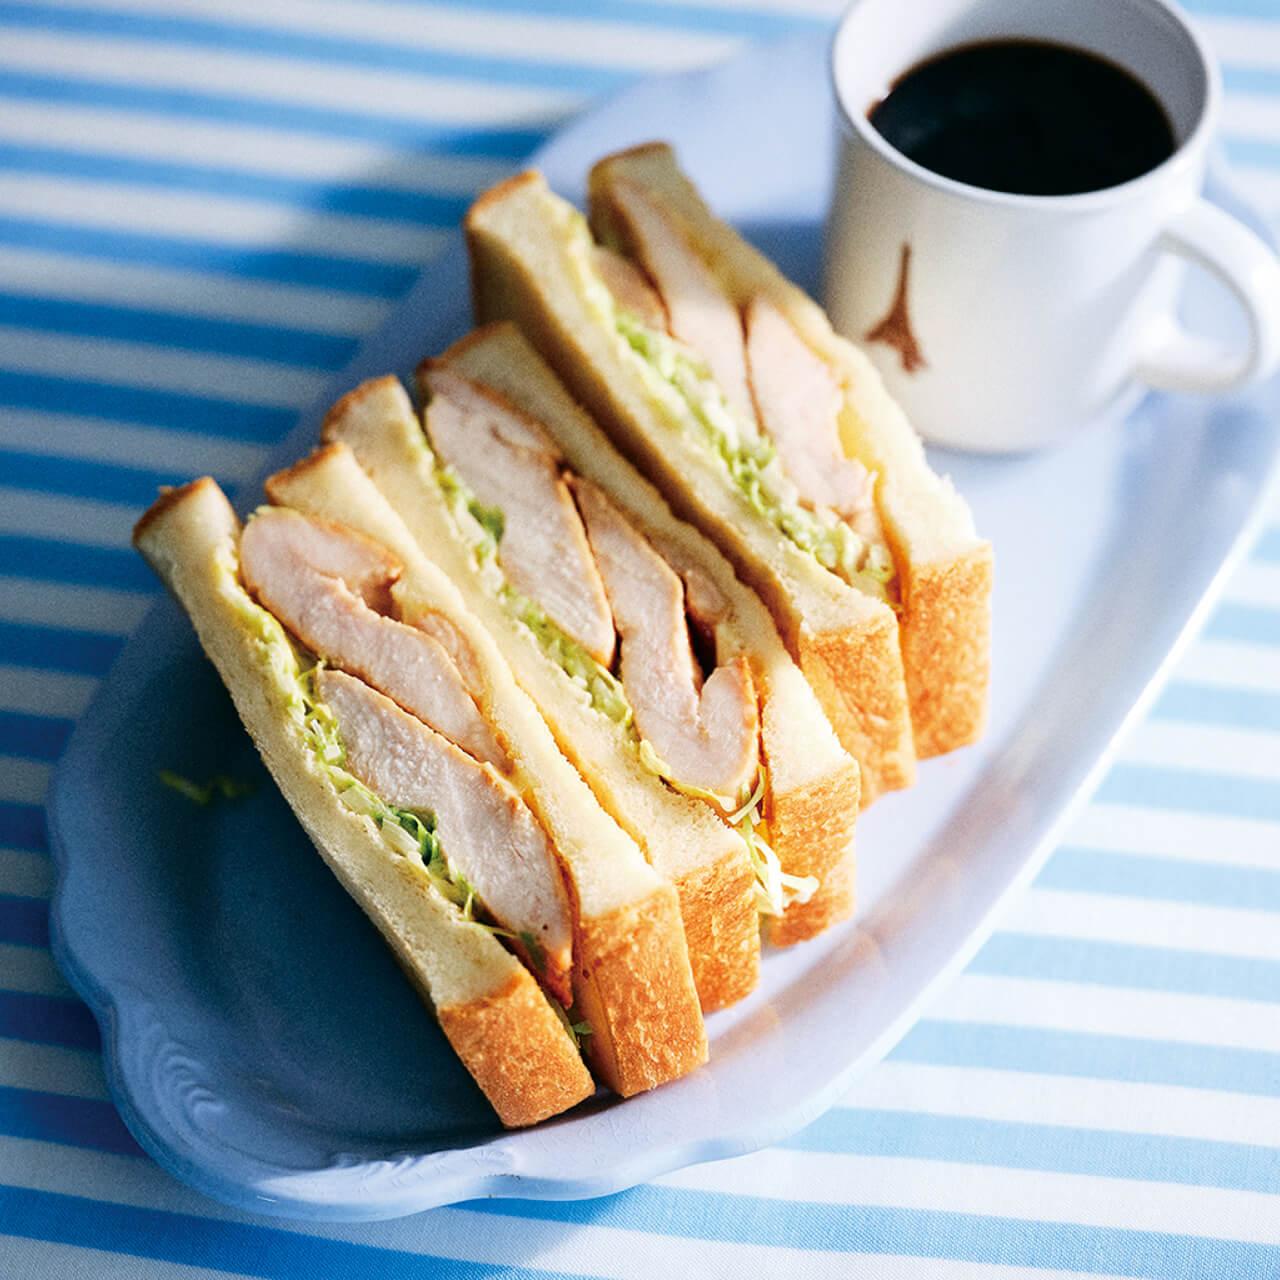 「鶏むねソテーのサンドイッチ」レシピ/きじまりゅうたさん